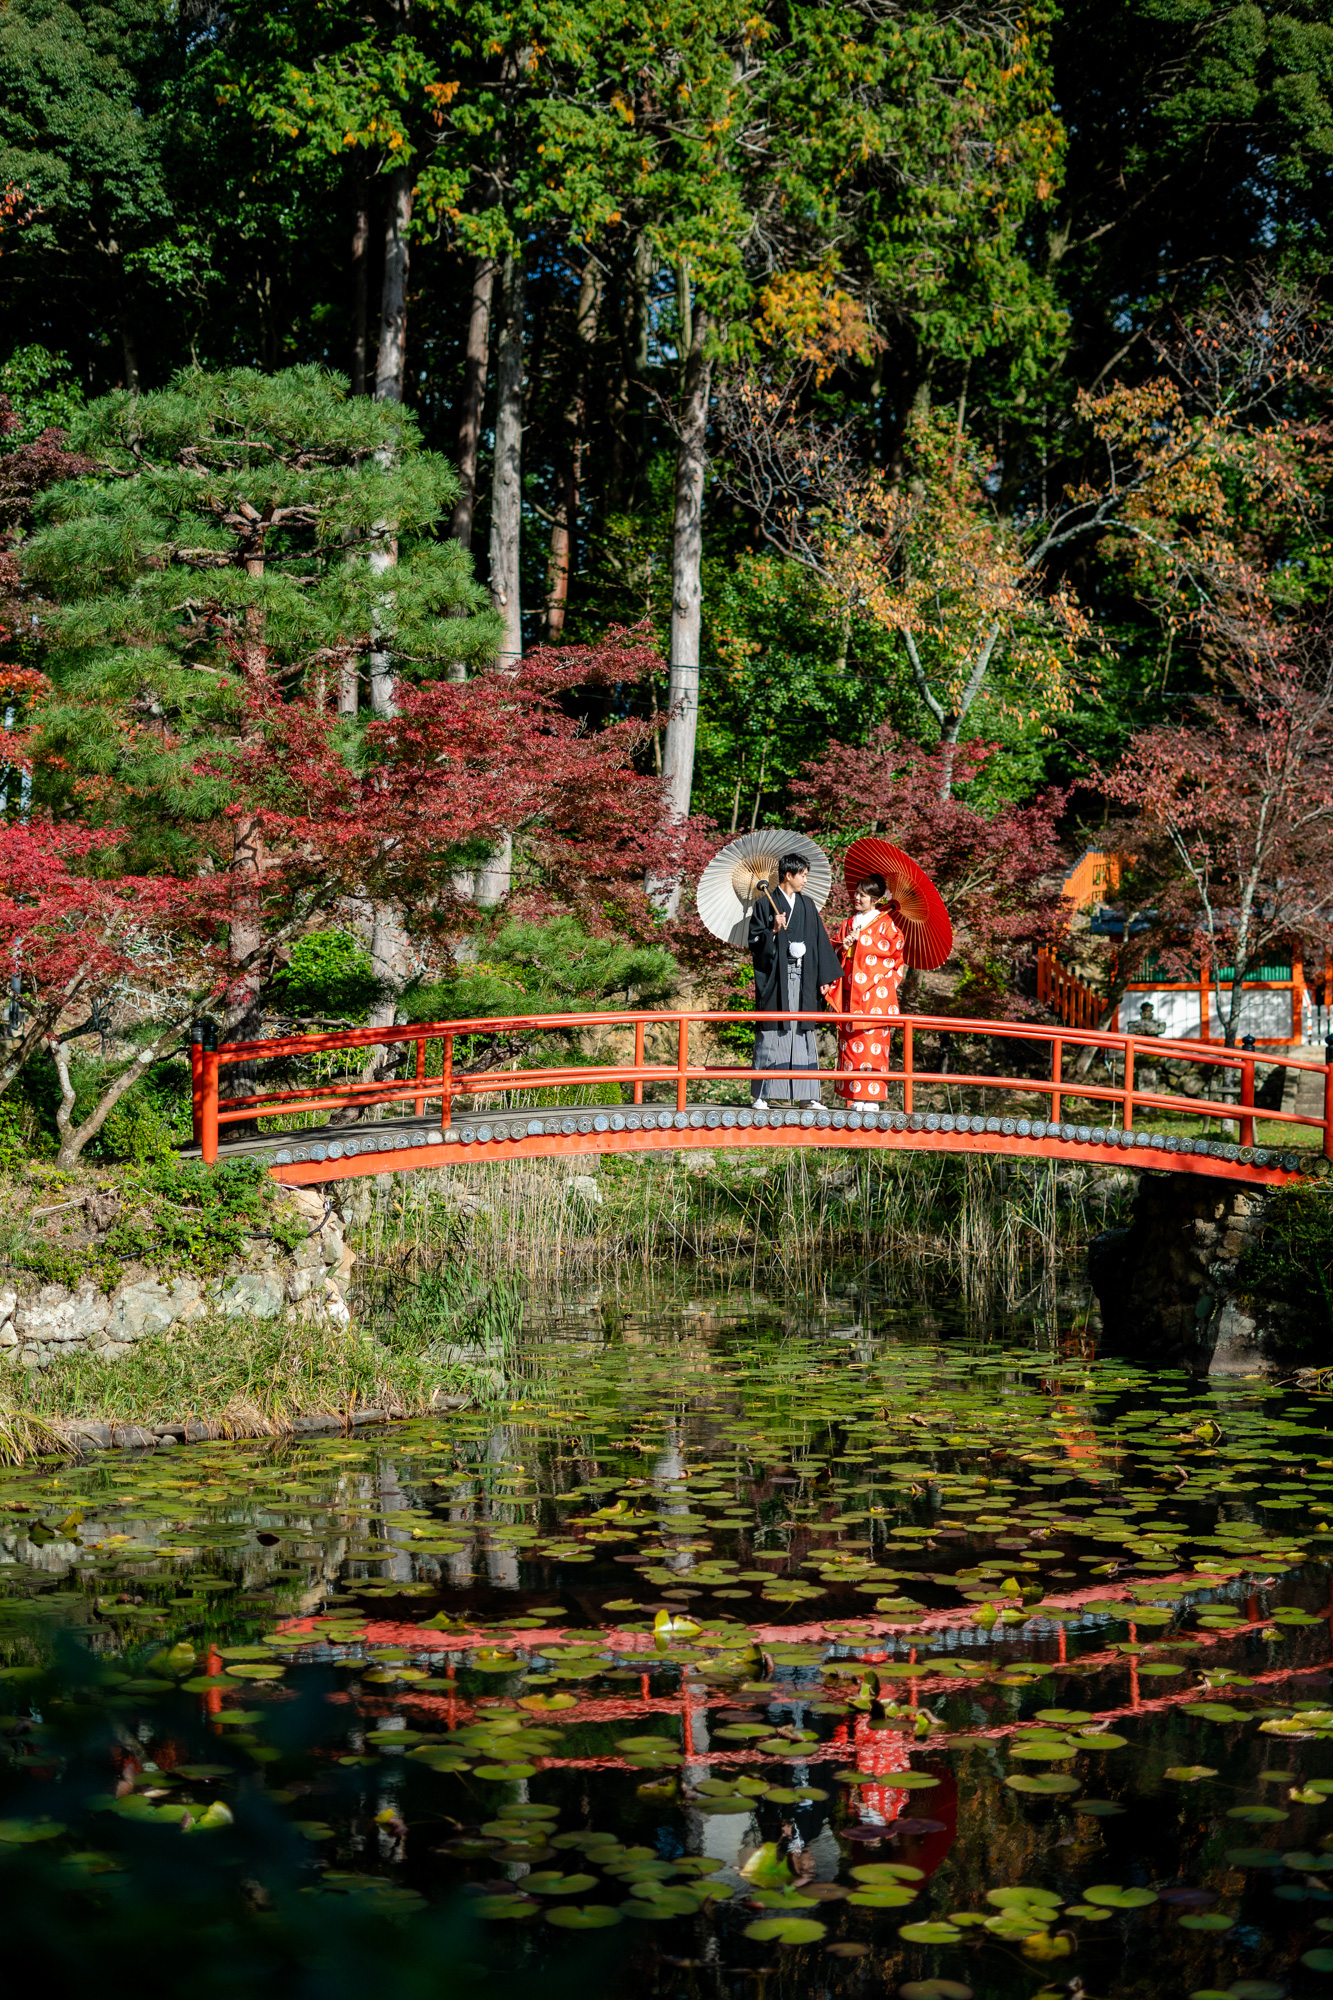 橋の上で和傘をさしているイメージ